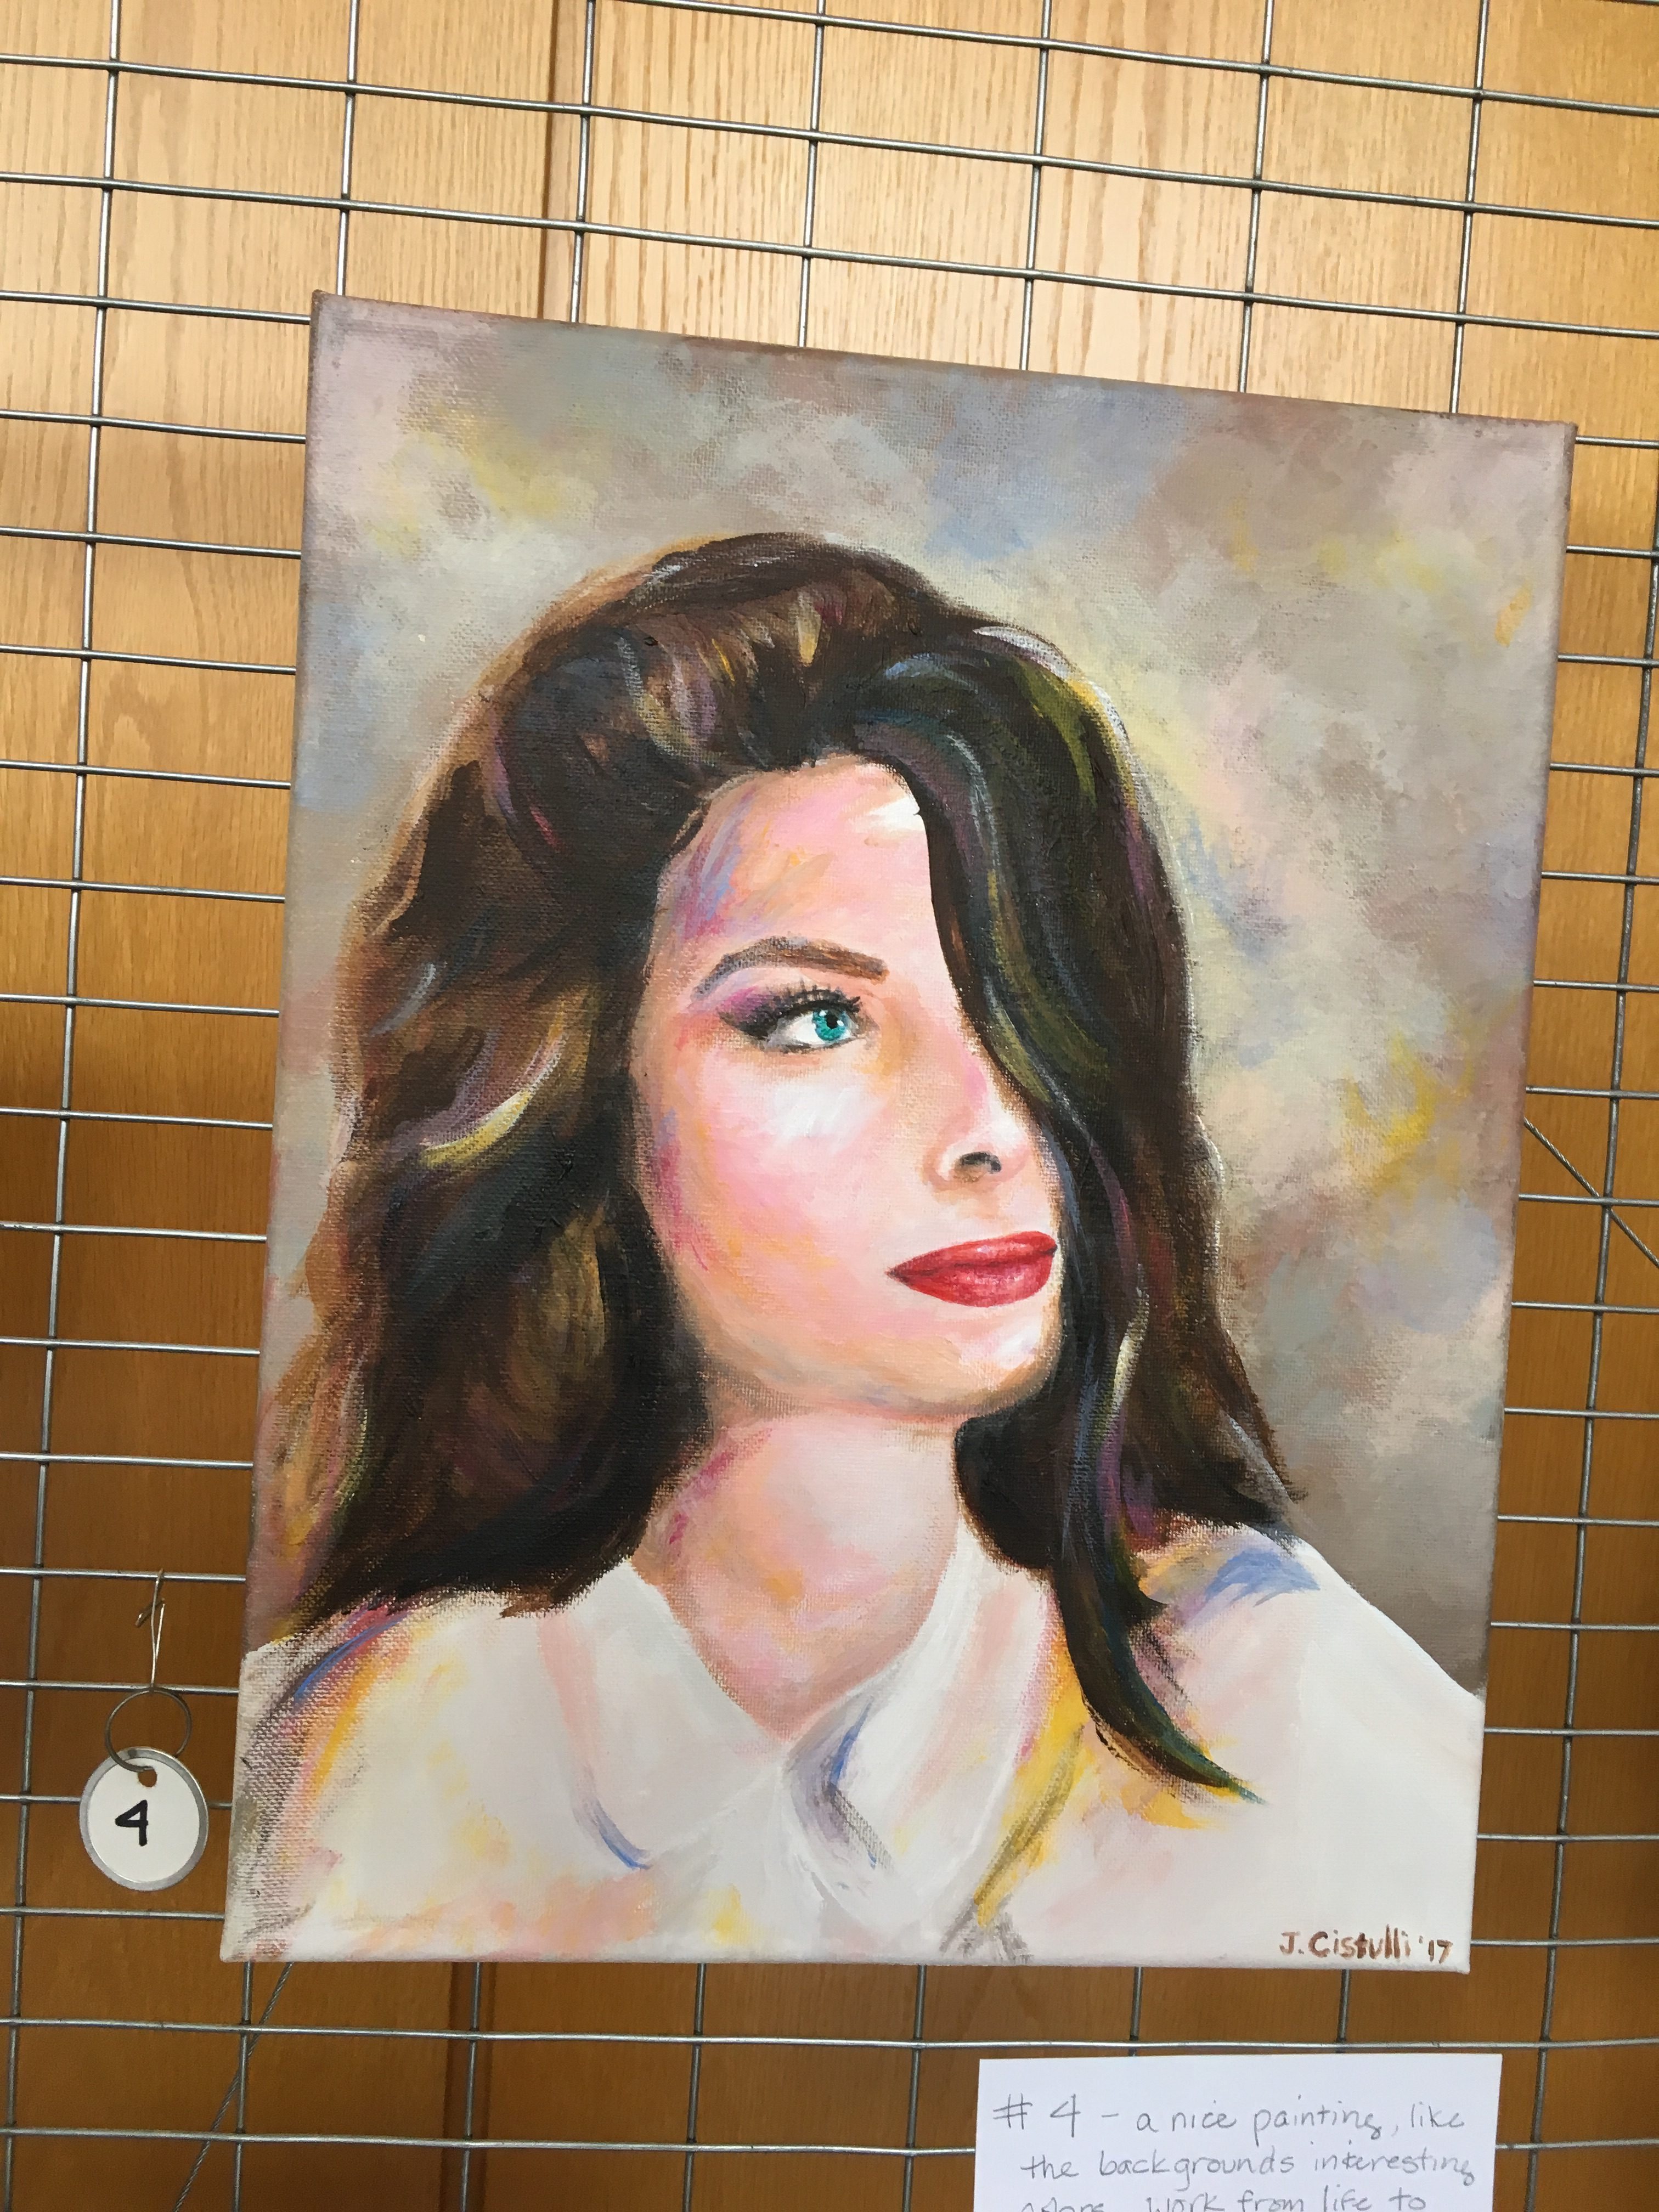 Cattie - Joanna Cistulli